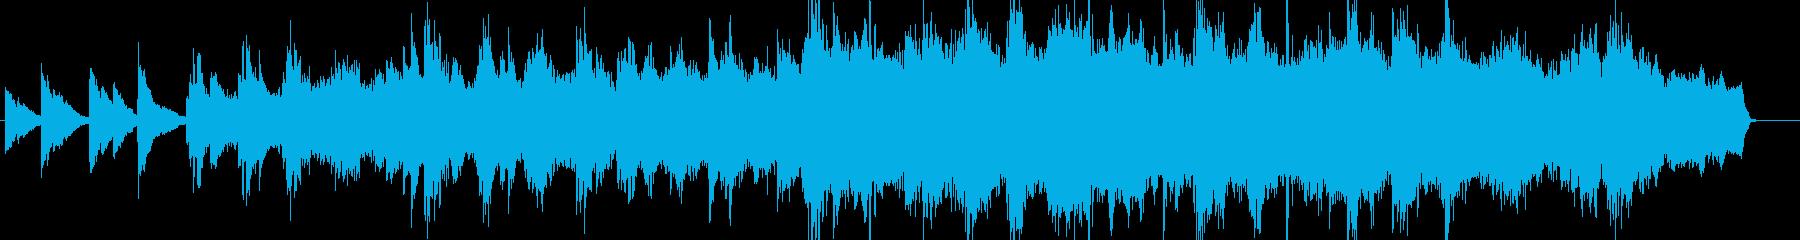 ゆったりとしたピアノが印象的なバラードの再生済みの波形